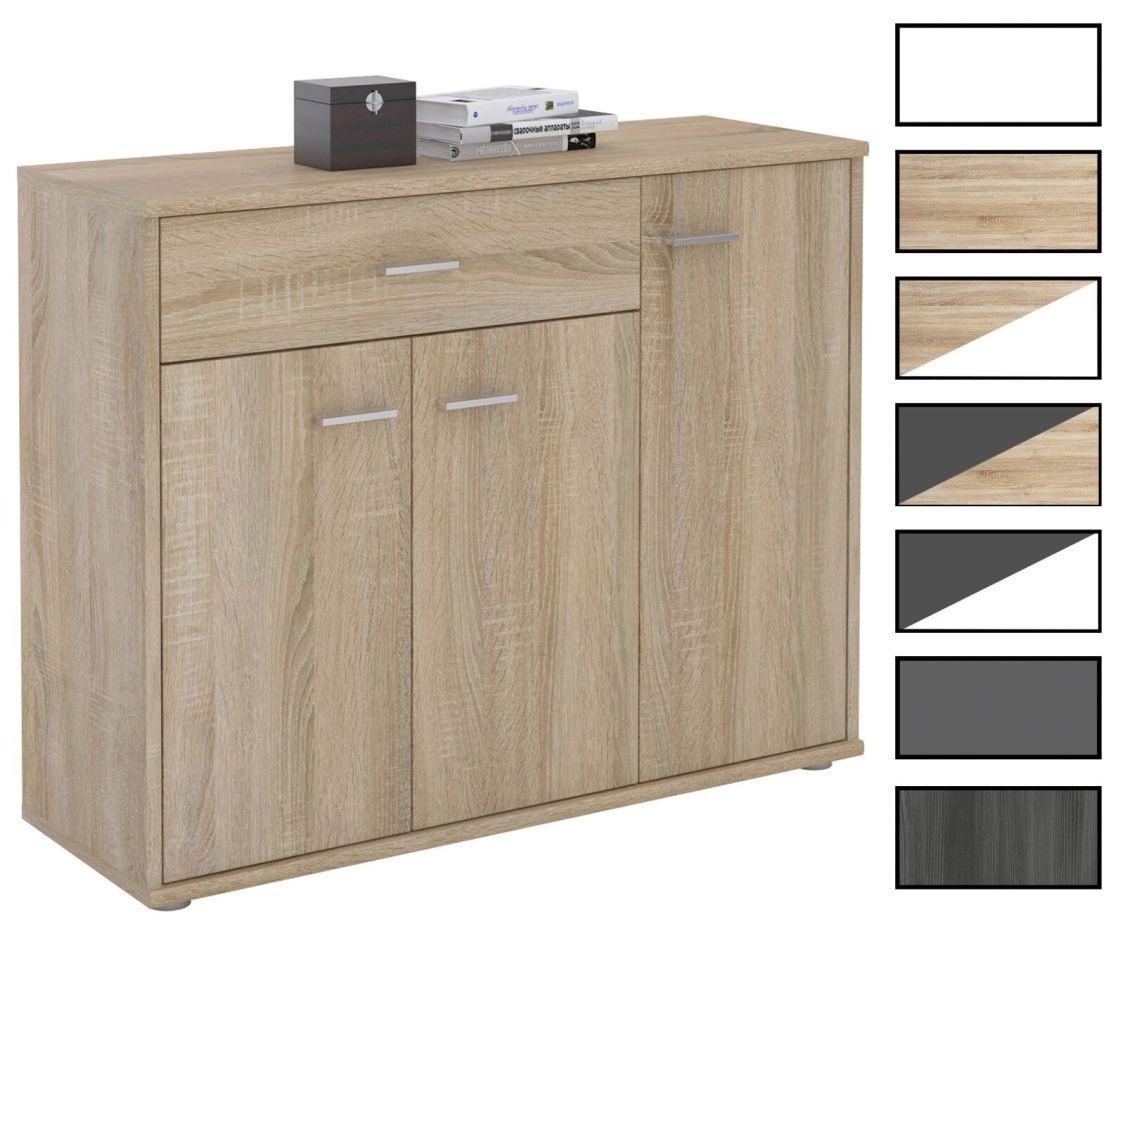 Kommode Sideboard Mehrzweckschrank , 3 Türen und 1 Schublade, 88 cm breit